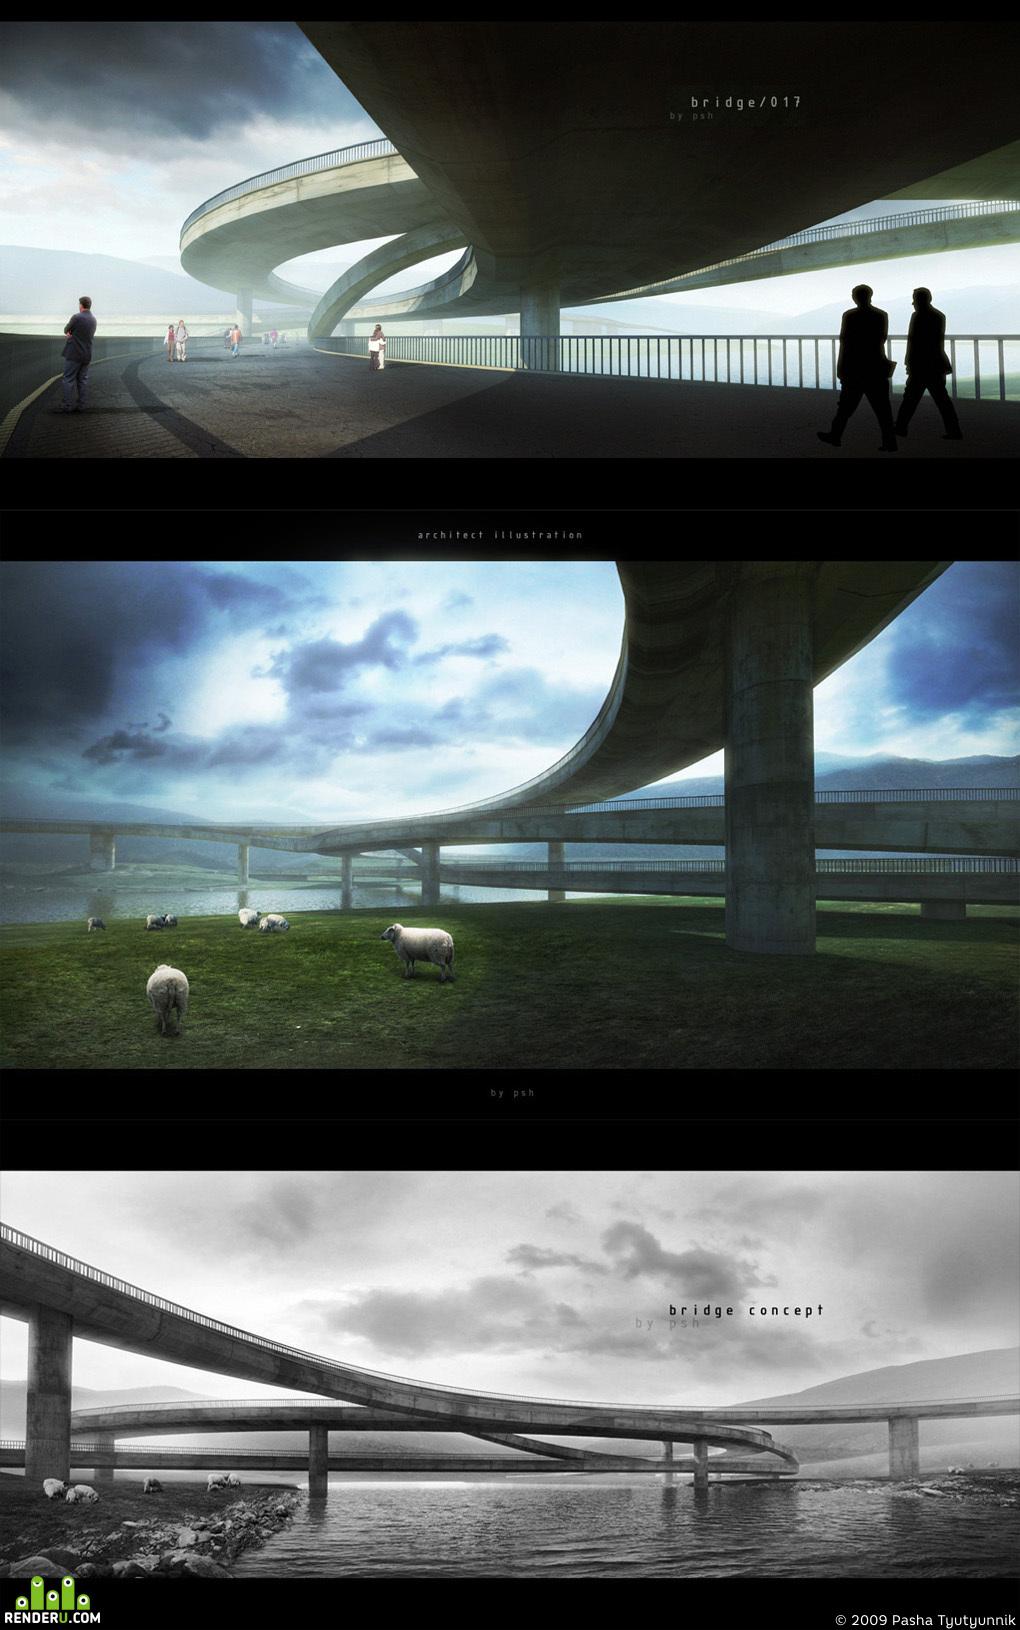 preview Bridge/017